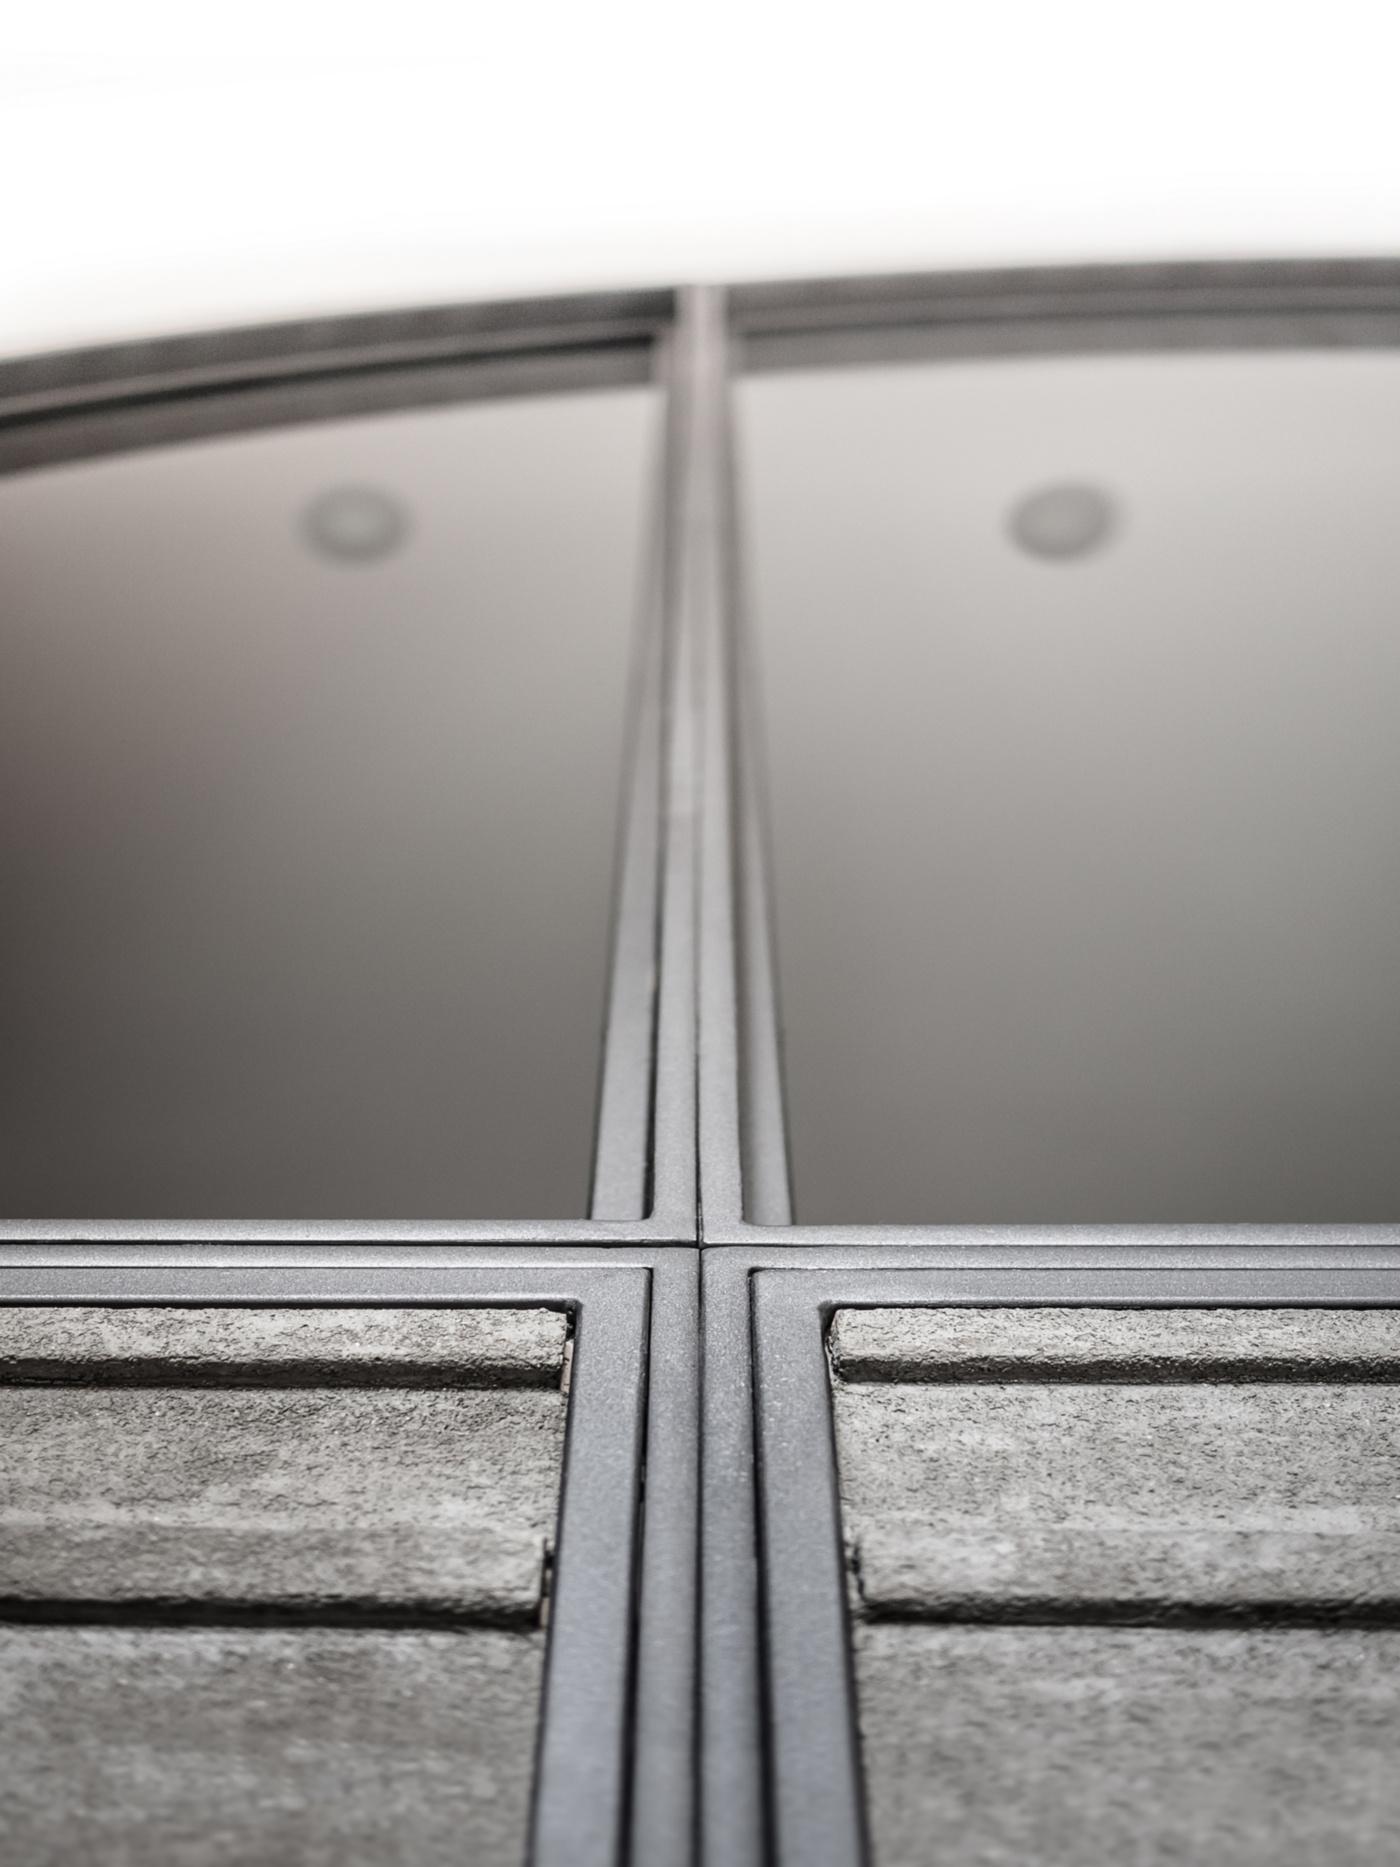 Trasformare una vetrata interna in un piccolo gioiello di interior design. Modanature metalliche e di calcestruzzo | Bottega di Architettura